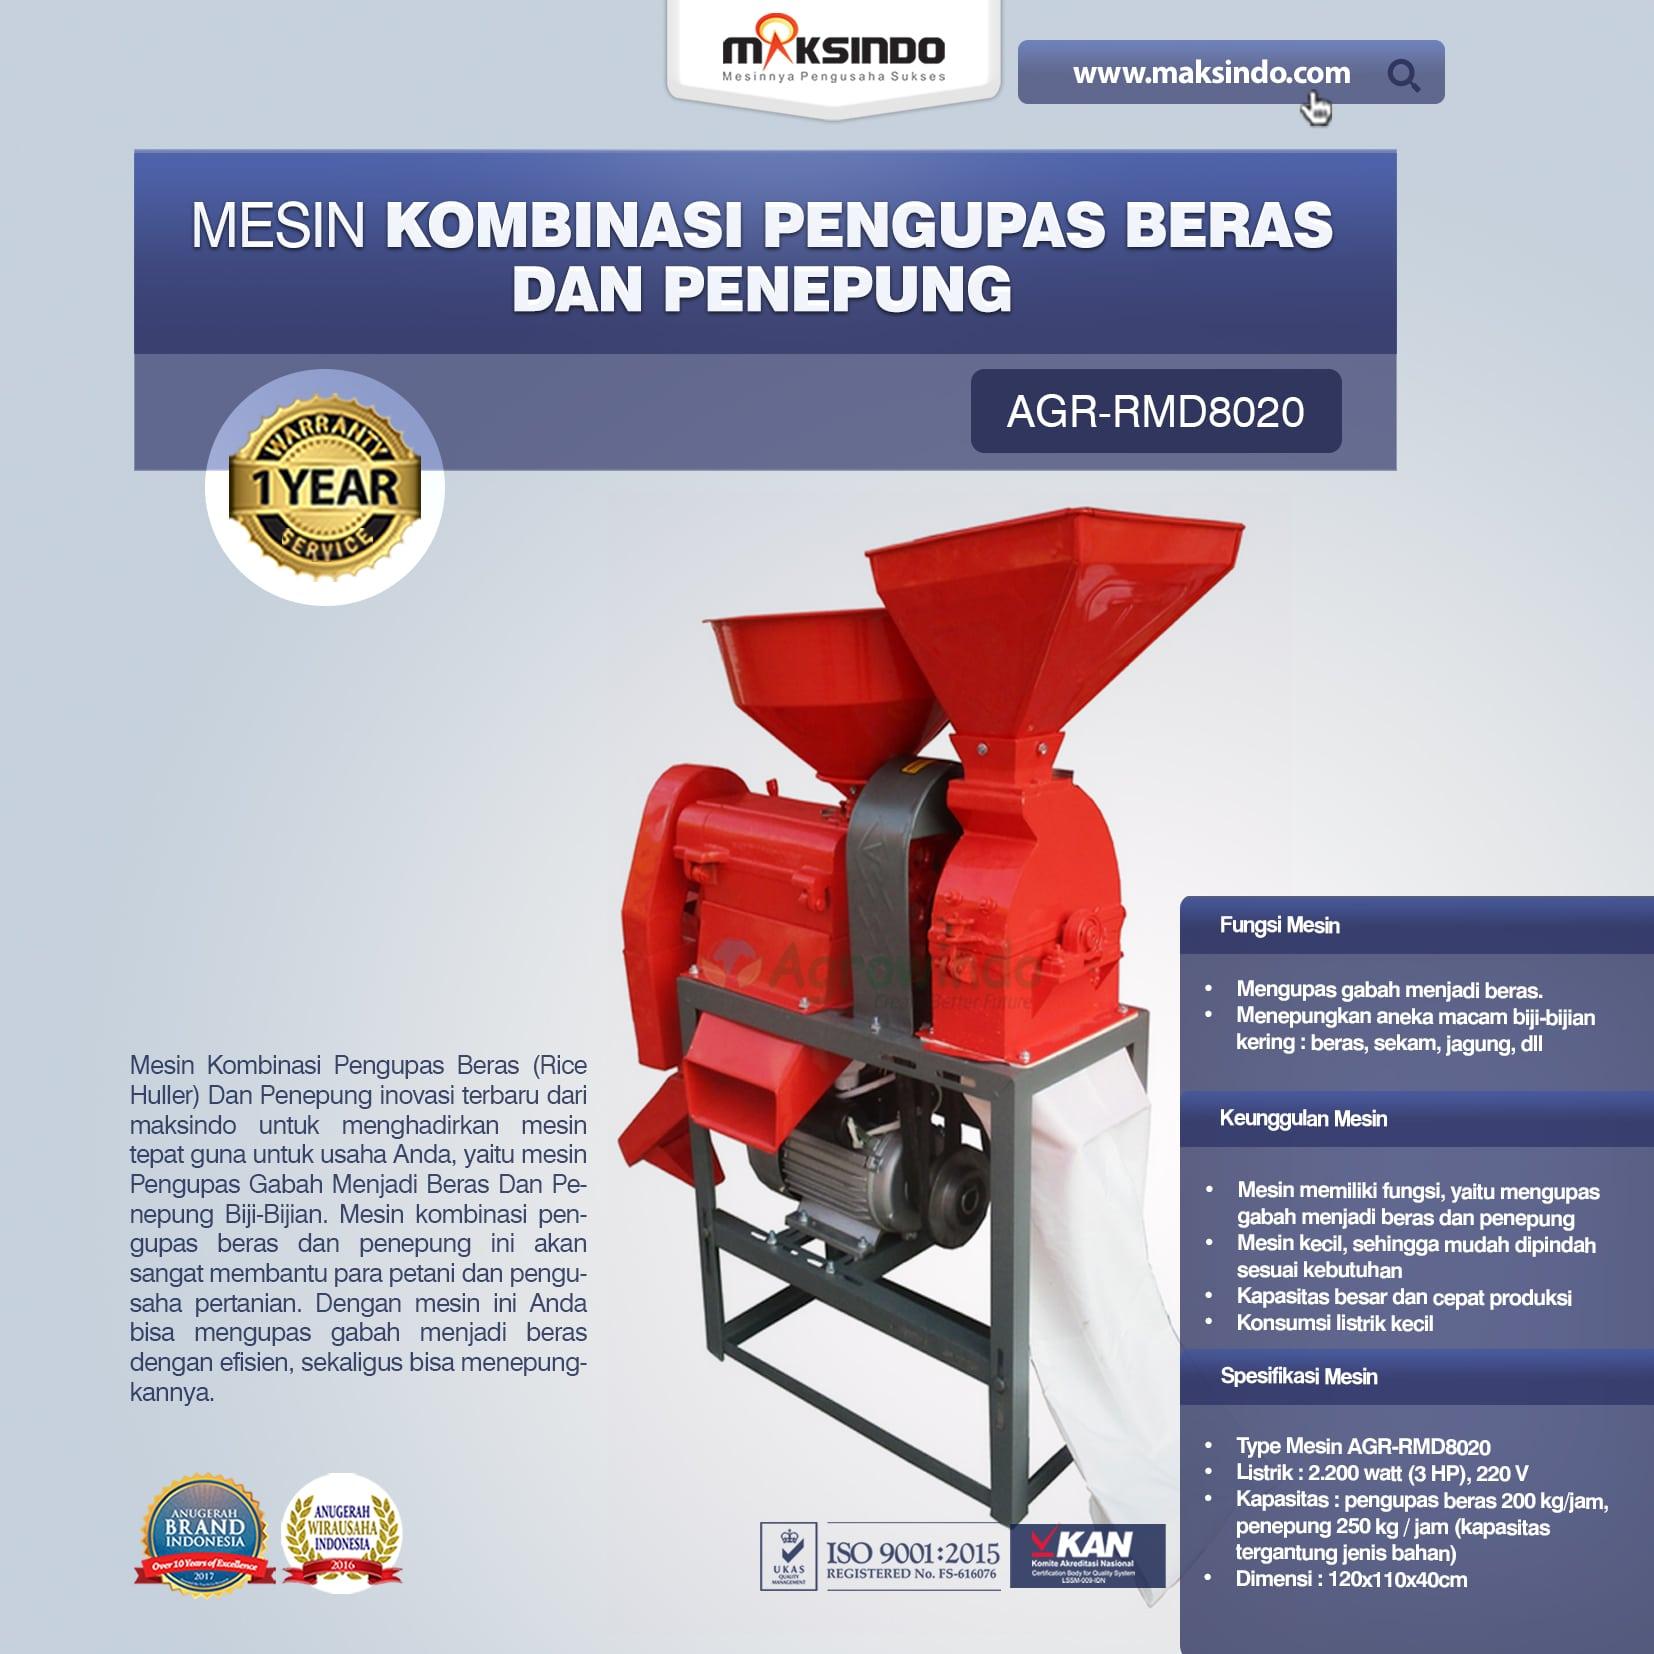 Jual Mesin Kombinasi Pengupas Beras dan Penepung RMD8020 di Palembang